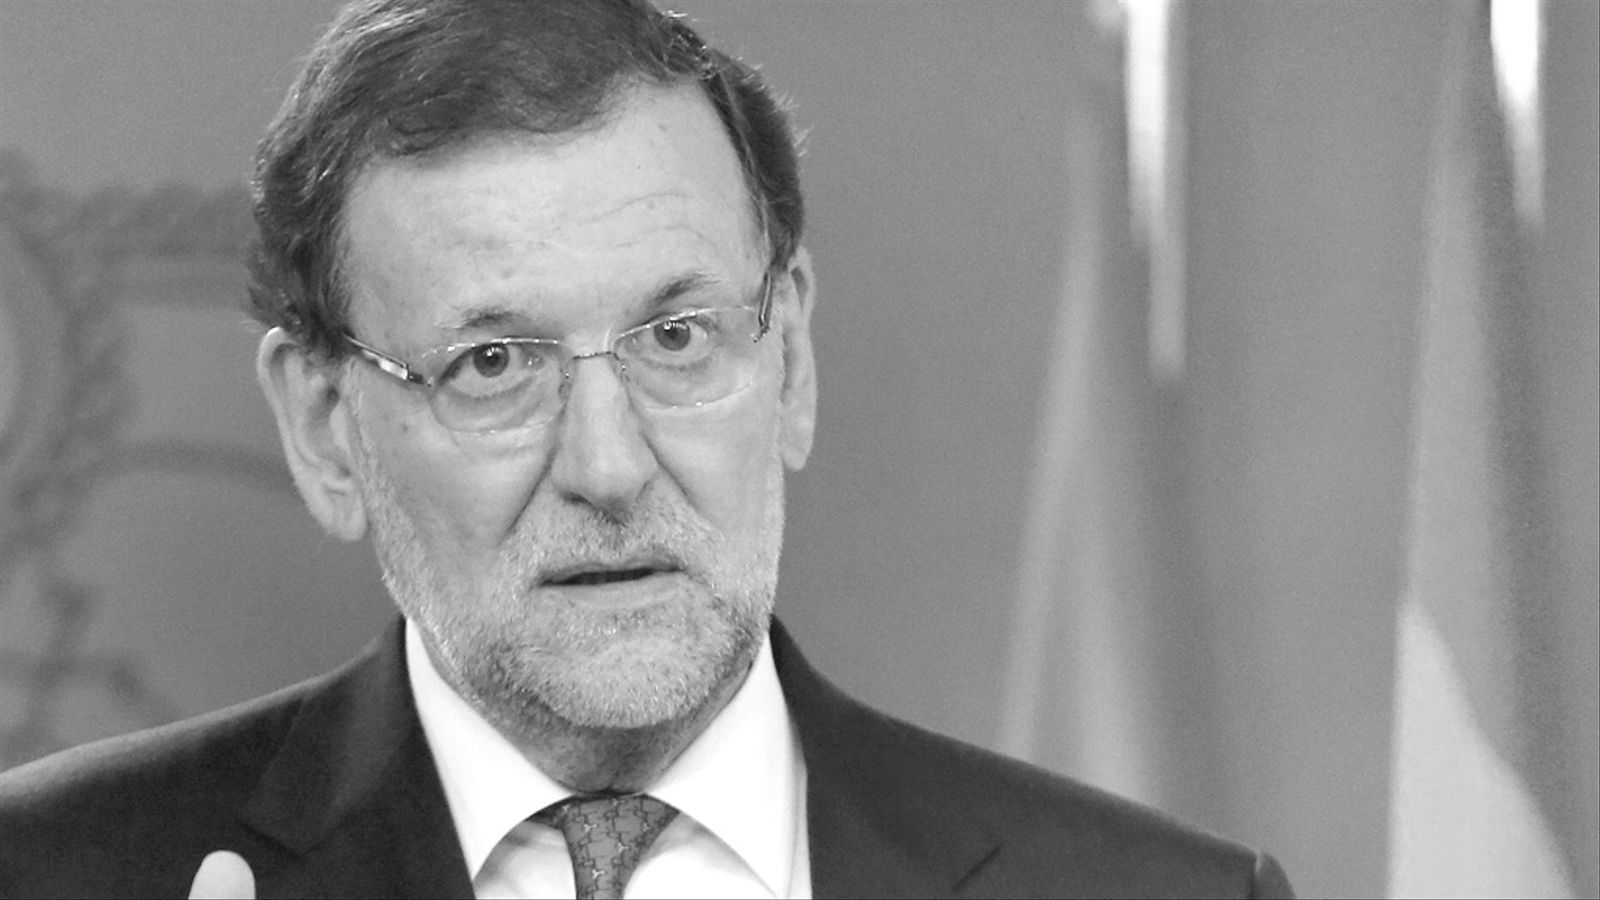 L'editorial d'Antoni Bassas: 'Senyor Rajoy, el problema ja fa temps que ha sorgit' (22/07/2015)